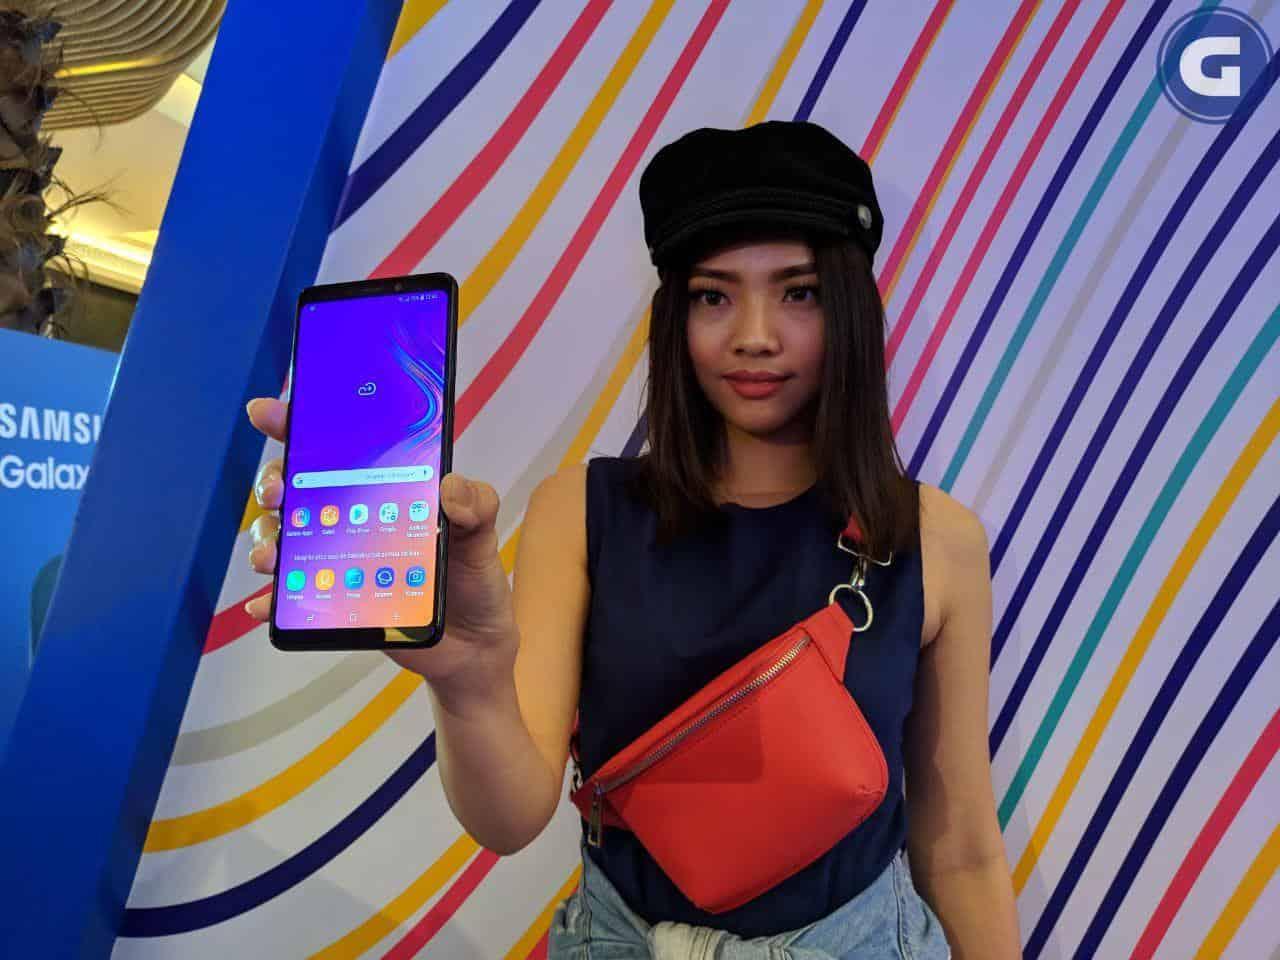 Samsung Galaxy A9 Indonesia